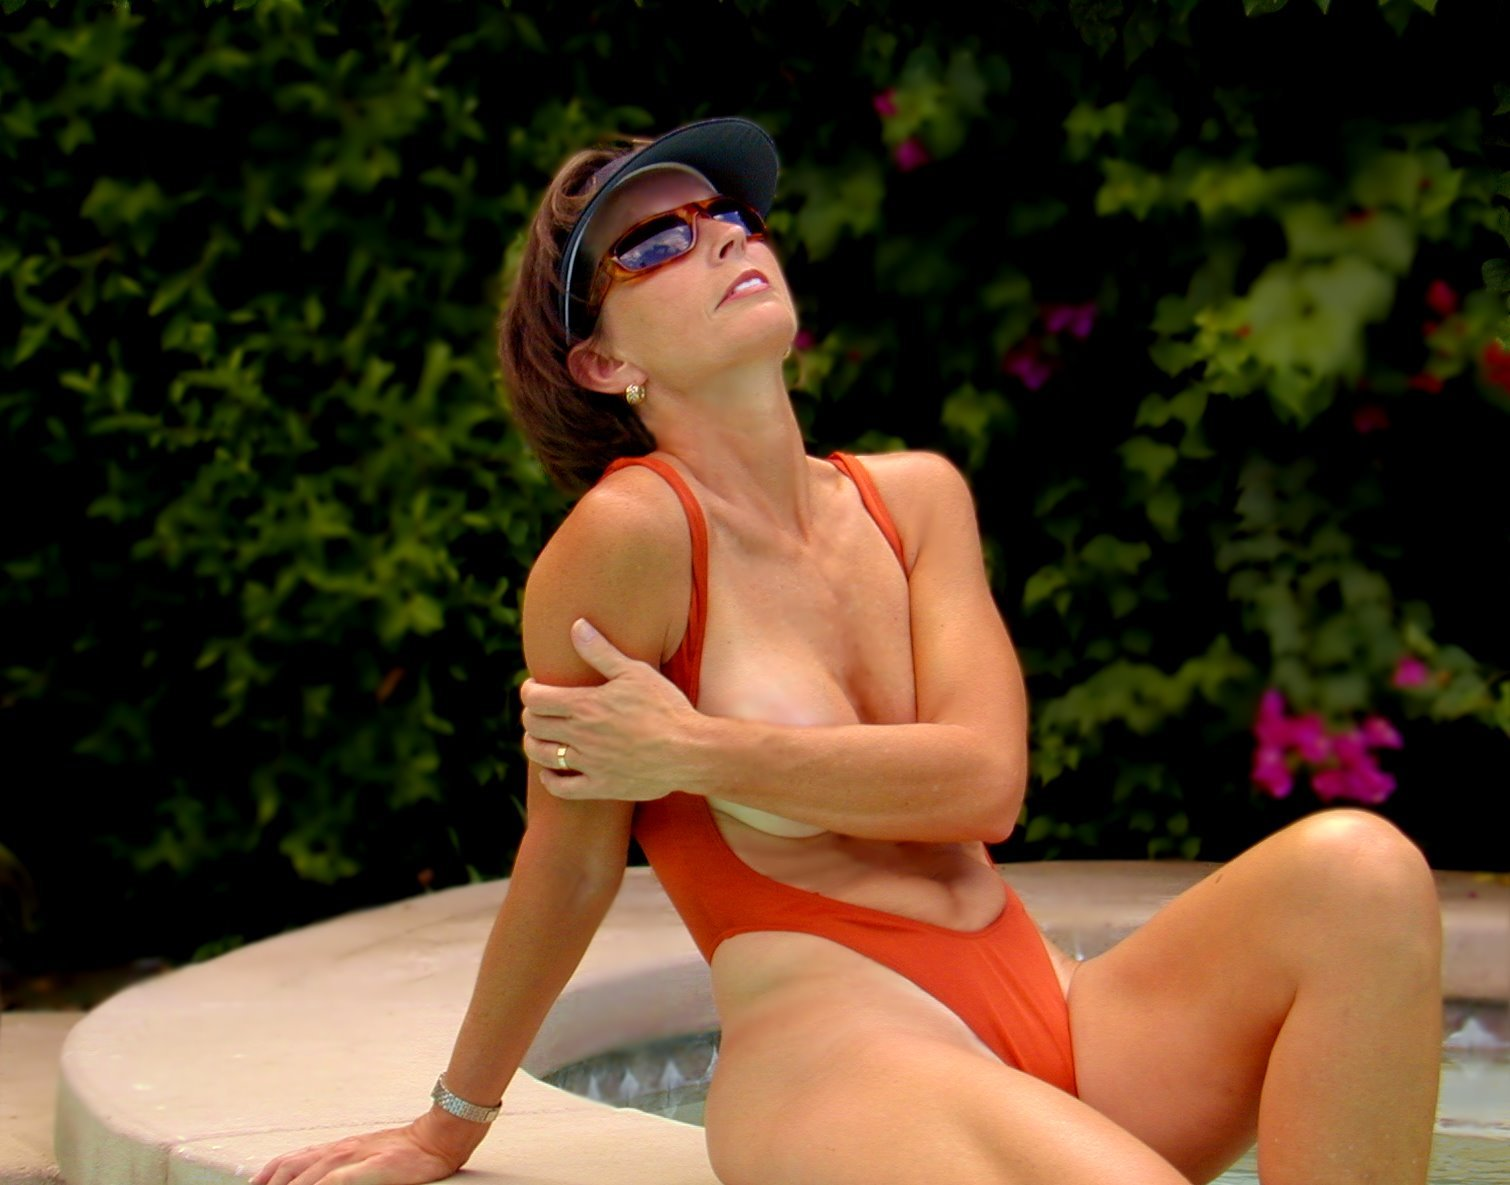 Bathing suit bikini